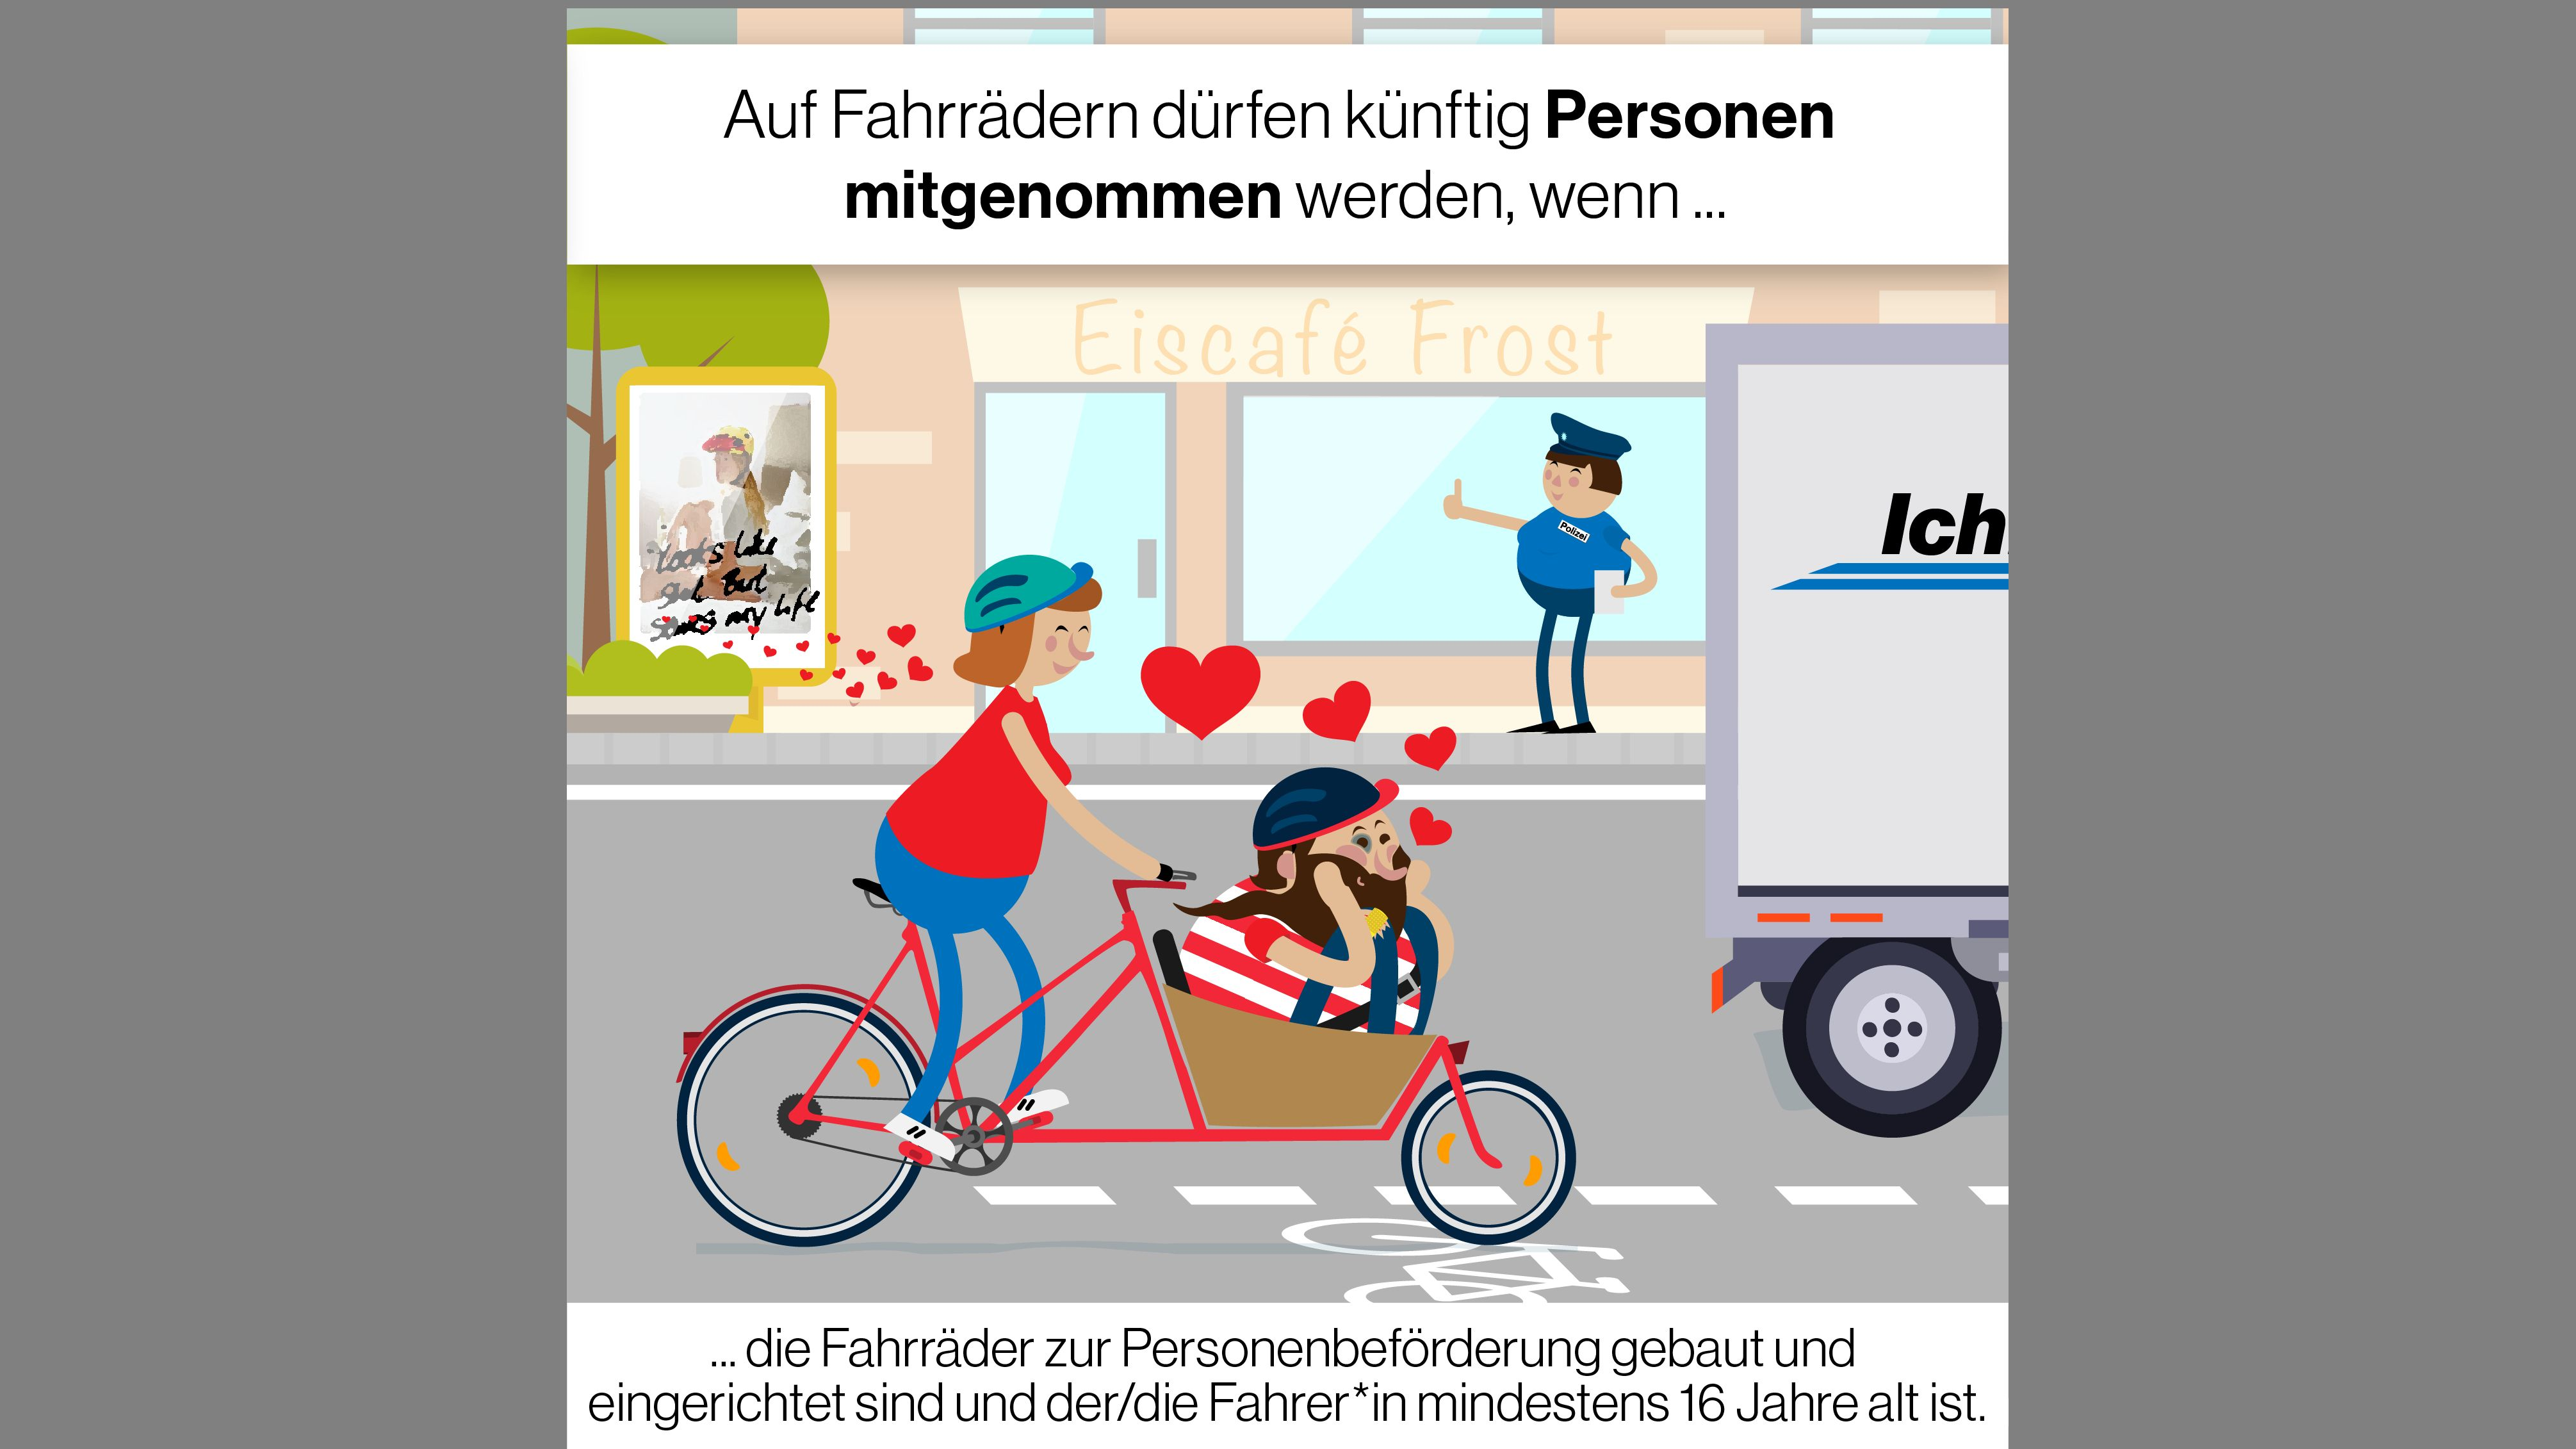 Grafik: Beförderung von Personen auf dem Rad ist unter bestimmten Auflagen möglich.